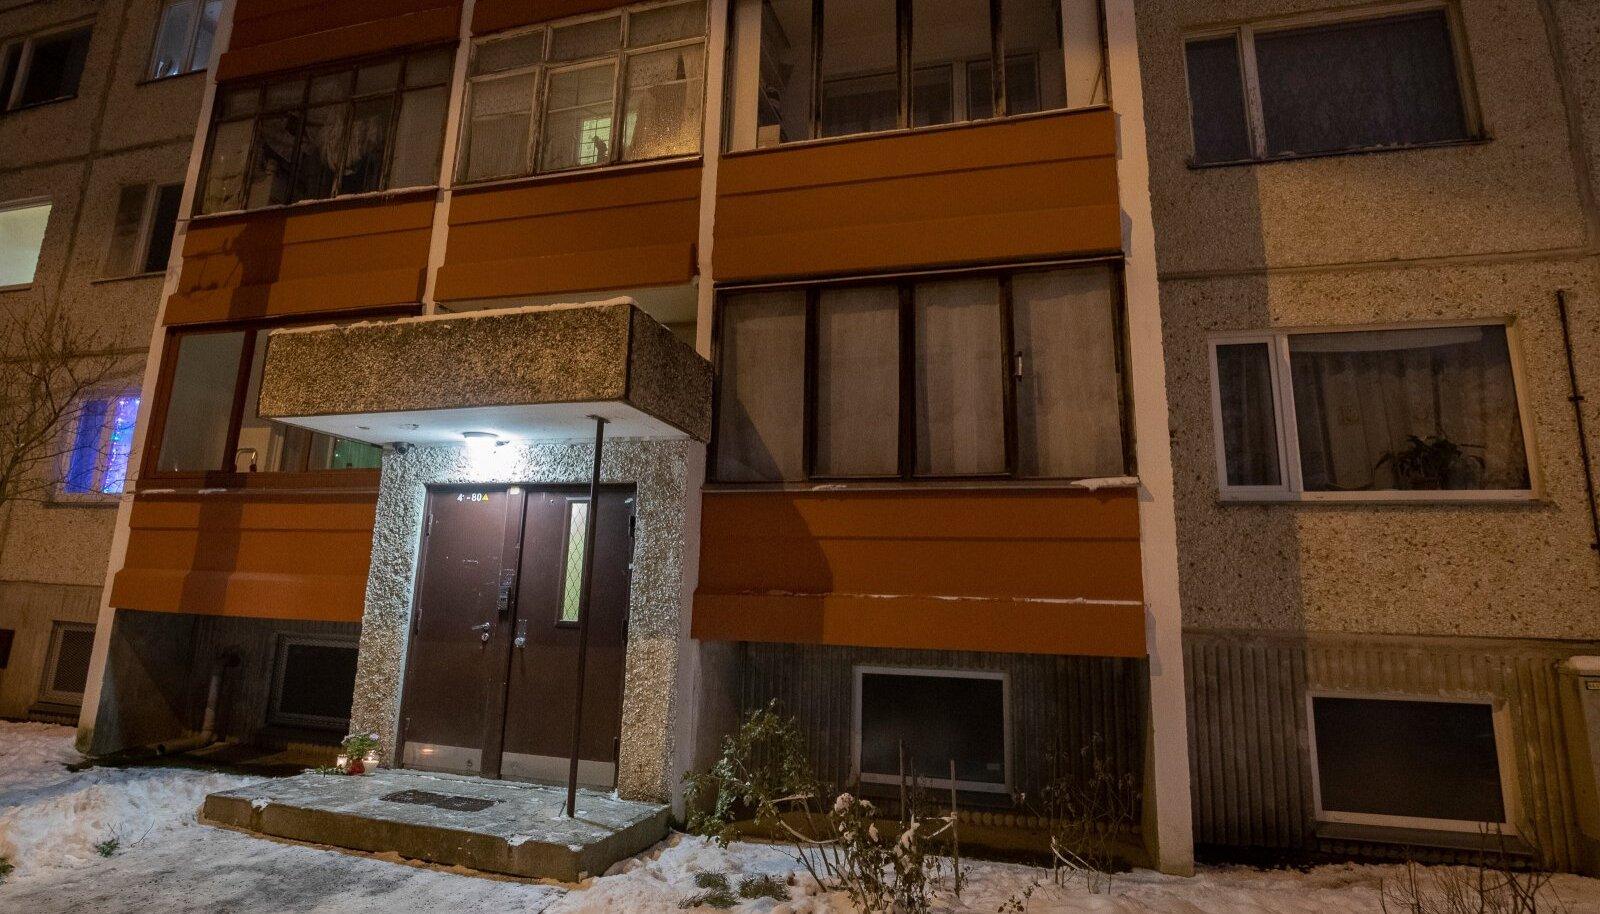 Matit süüdistatakse oma naabri tapmises. Naabrist jäid maha kaks väikest last.